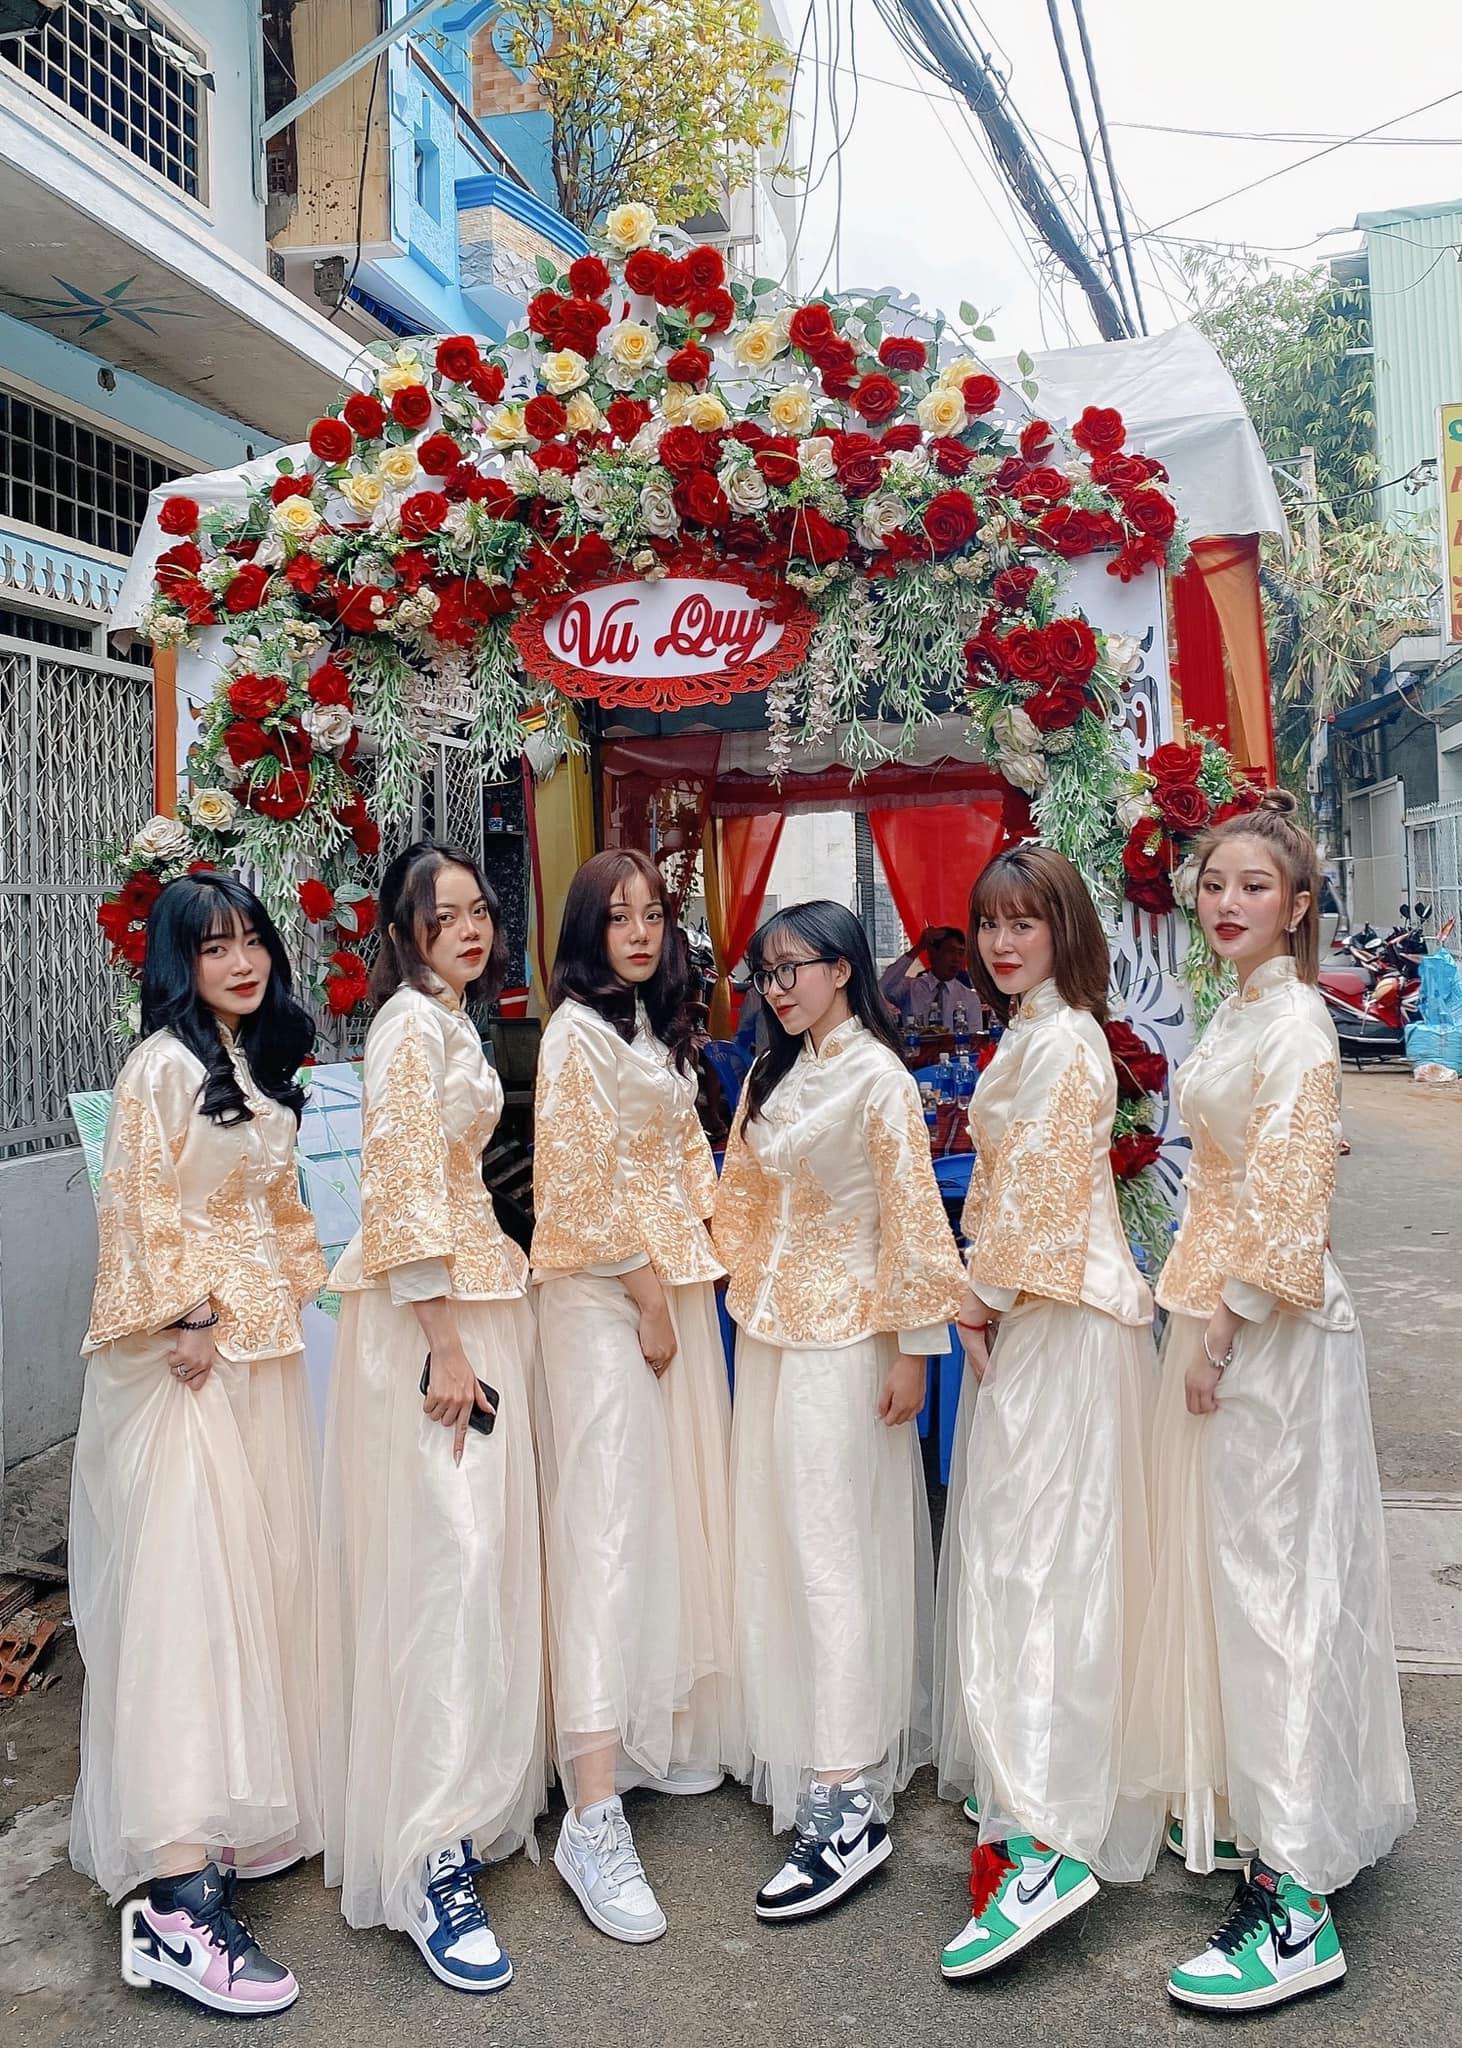 Lác cả mắt trước dàn dâu rể lên đồ chất phát ngất, đi toàn sneaker xịn sò trong đám cưới của cô dâu gốc Hoa - Ảnh 2.